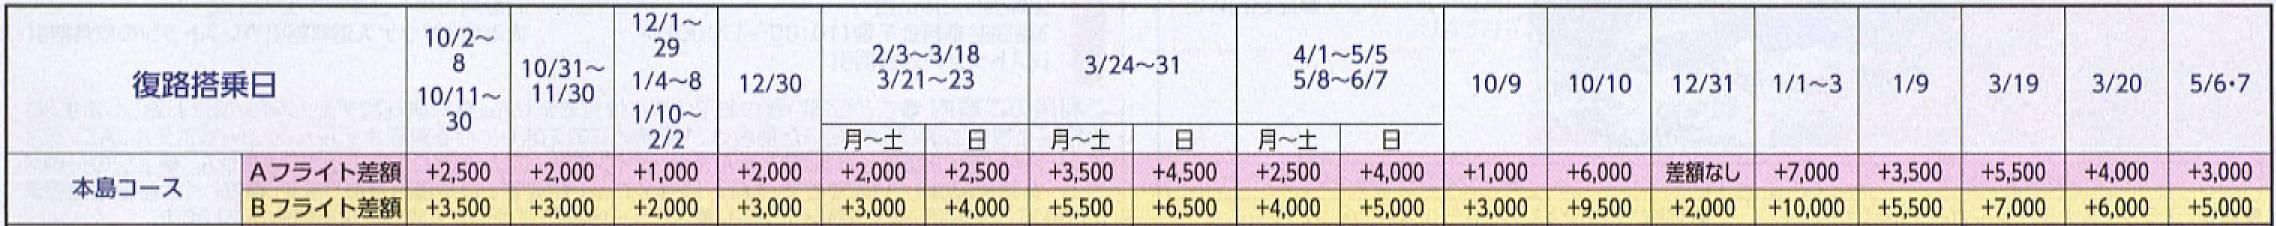 フライト差額 復路pittabi-osa16_10-05-flght03